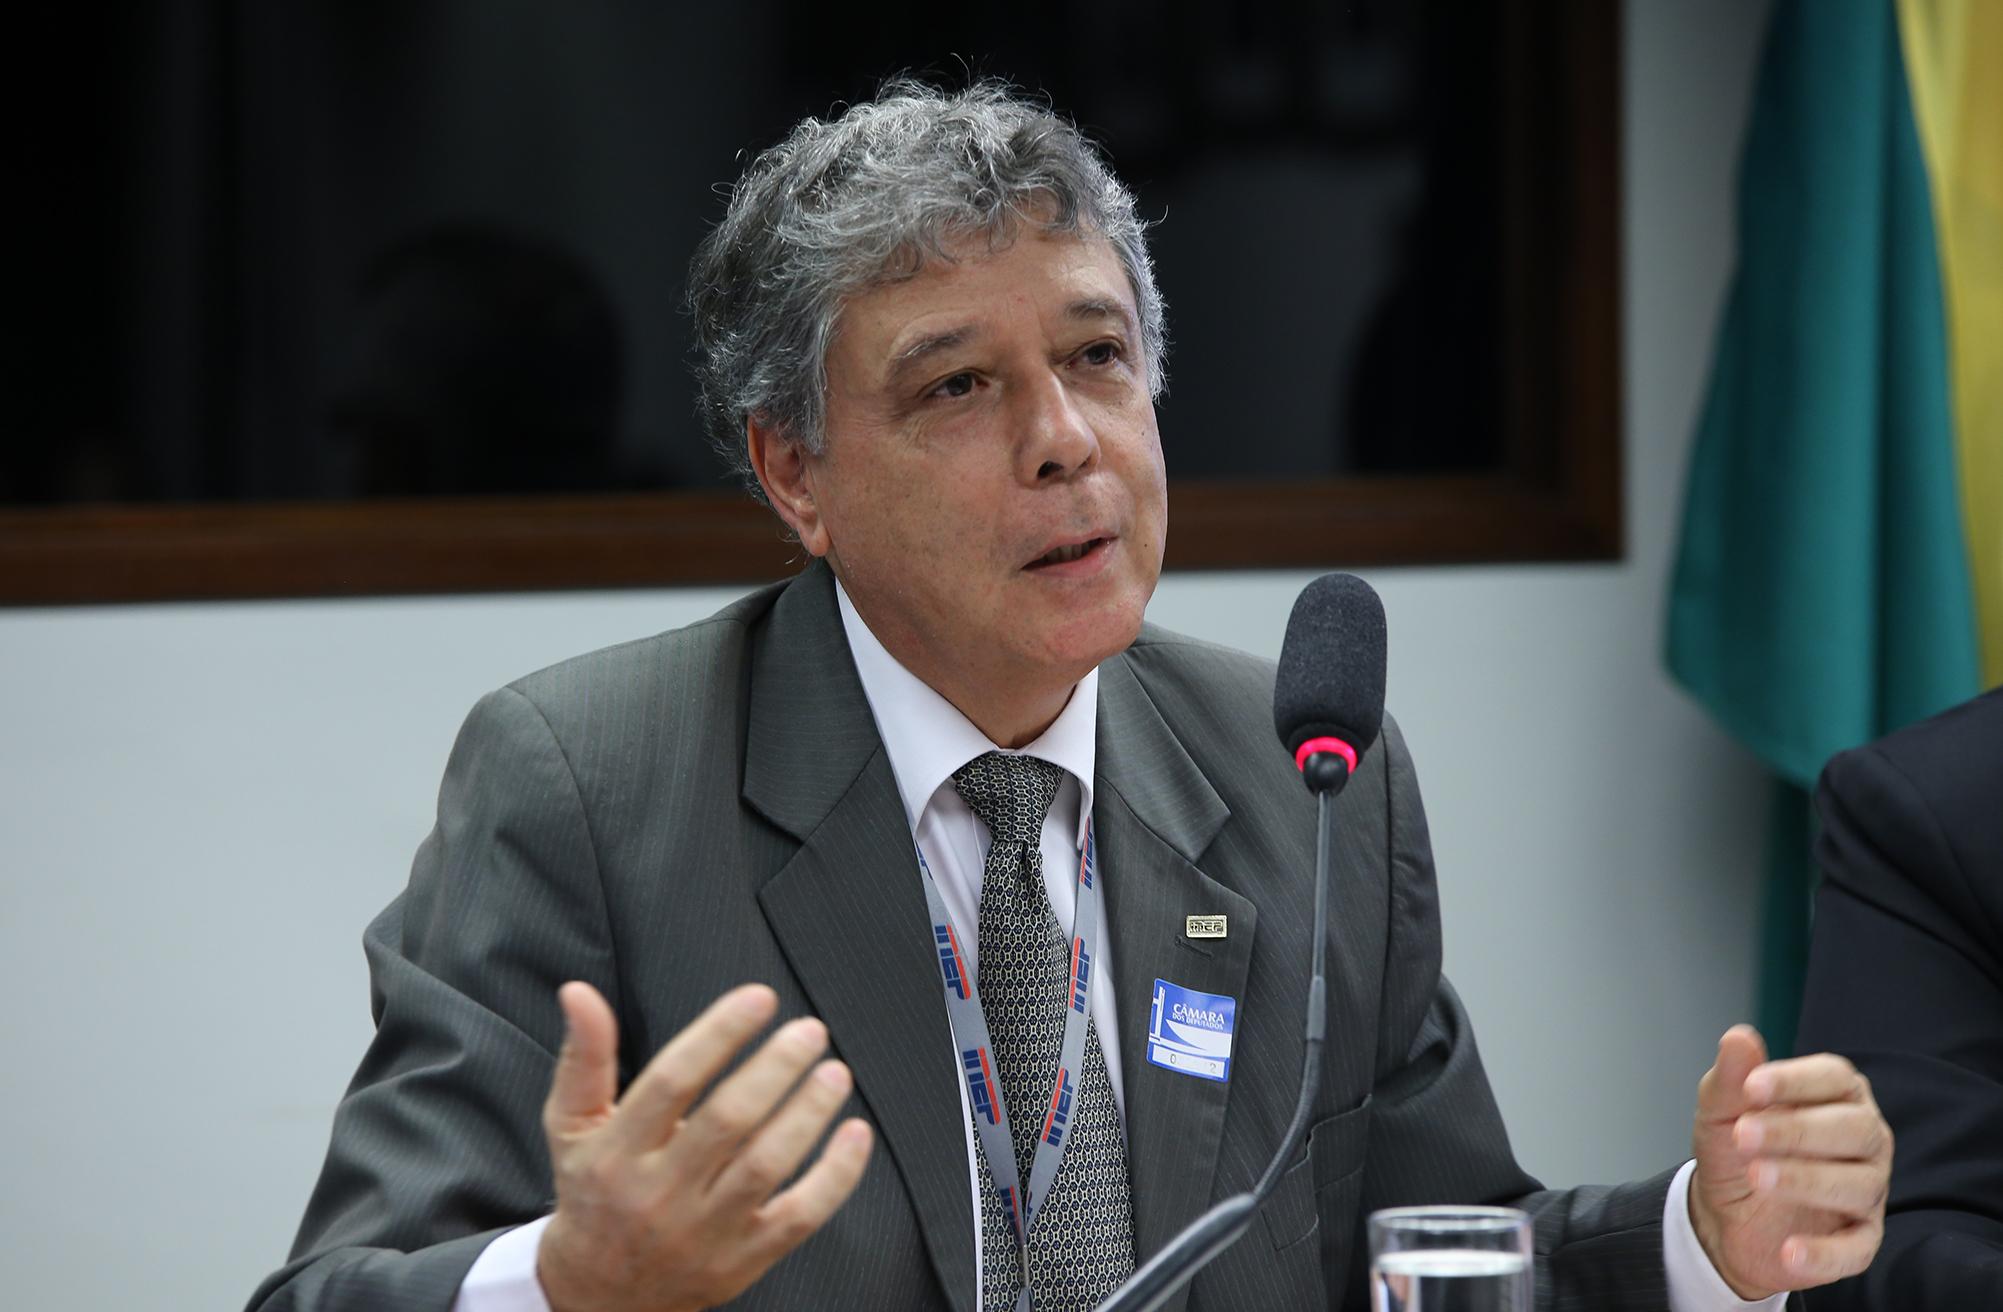 Audiência pública sobre  a proposta de Lei de Responsabilidade Educacional. Presidente do Instituto Nacional de Estudos e Pesquisas Educacionais (INEP), Francisco Soares